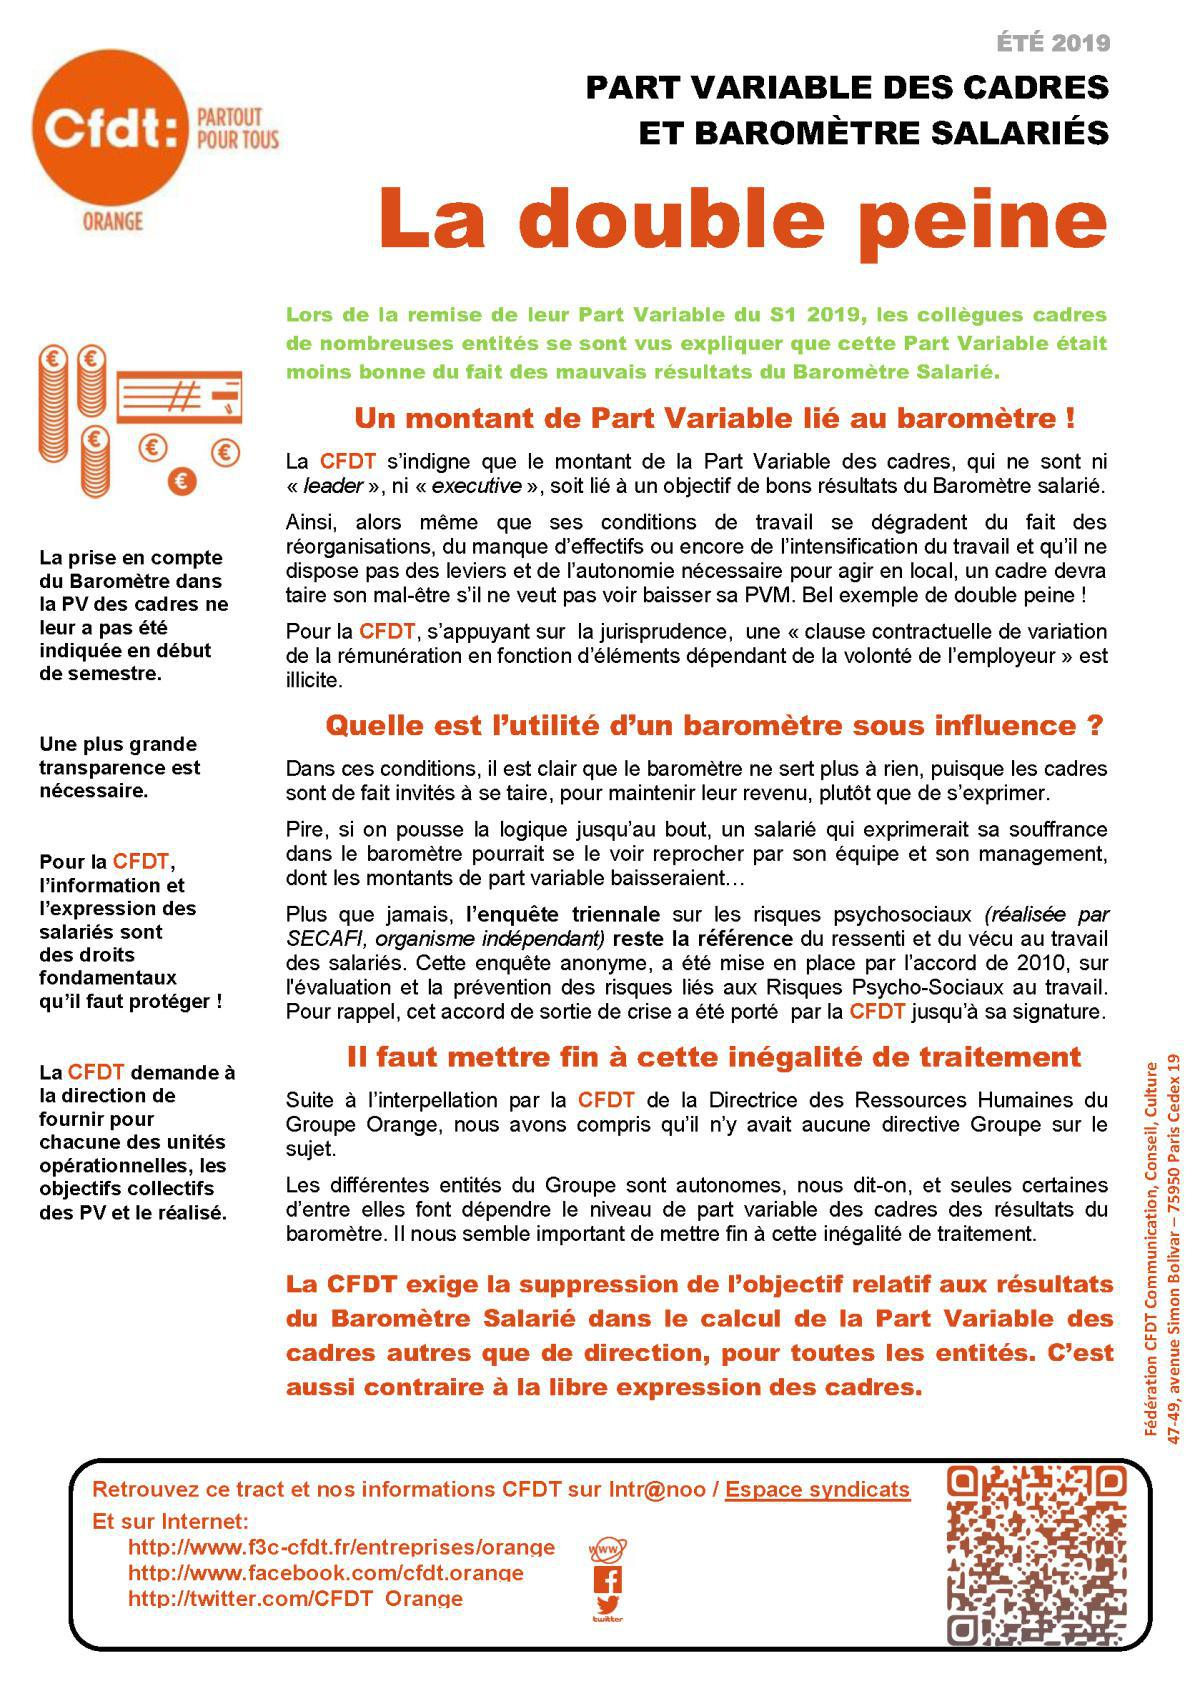 PVM et Baromètre salarié : la double peine